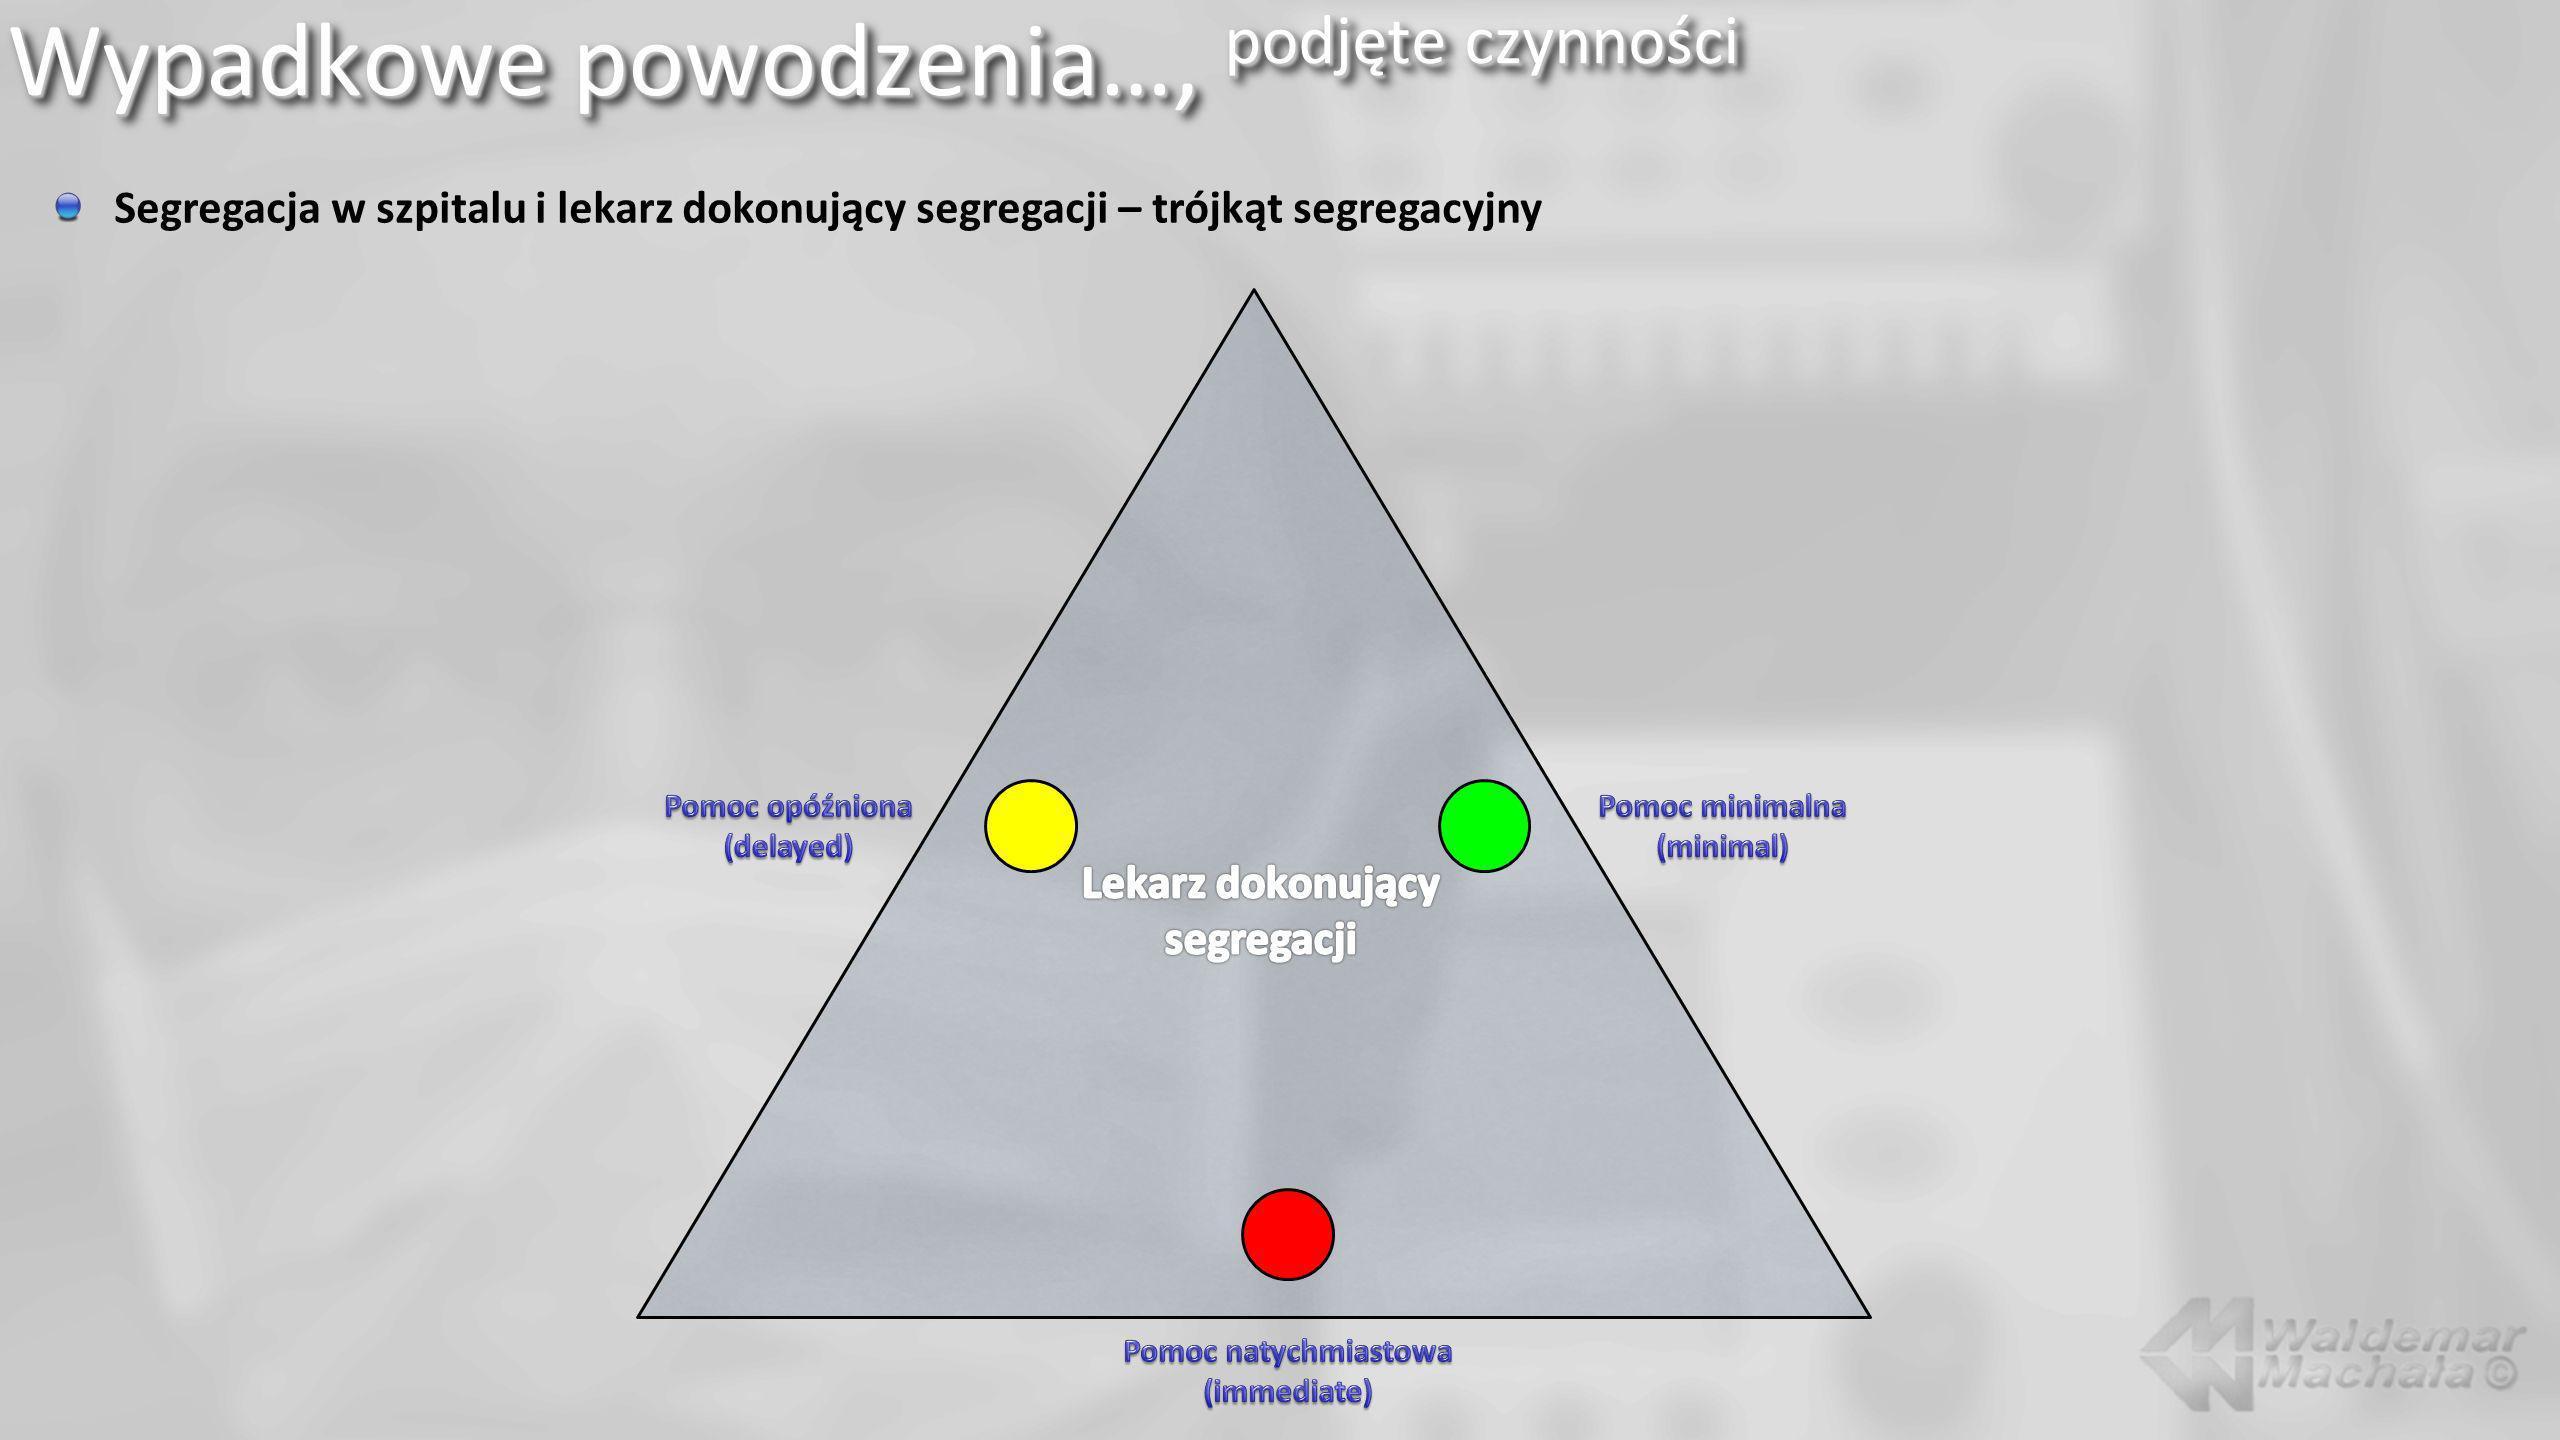 Wypadkowe powodzenia…, podjęte czynności Segregacja w szpitalu i lekarz dokonujący segregacji – trójkąt segregacyjny